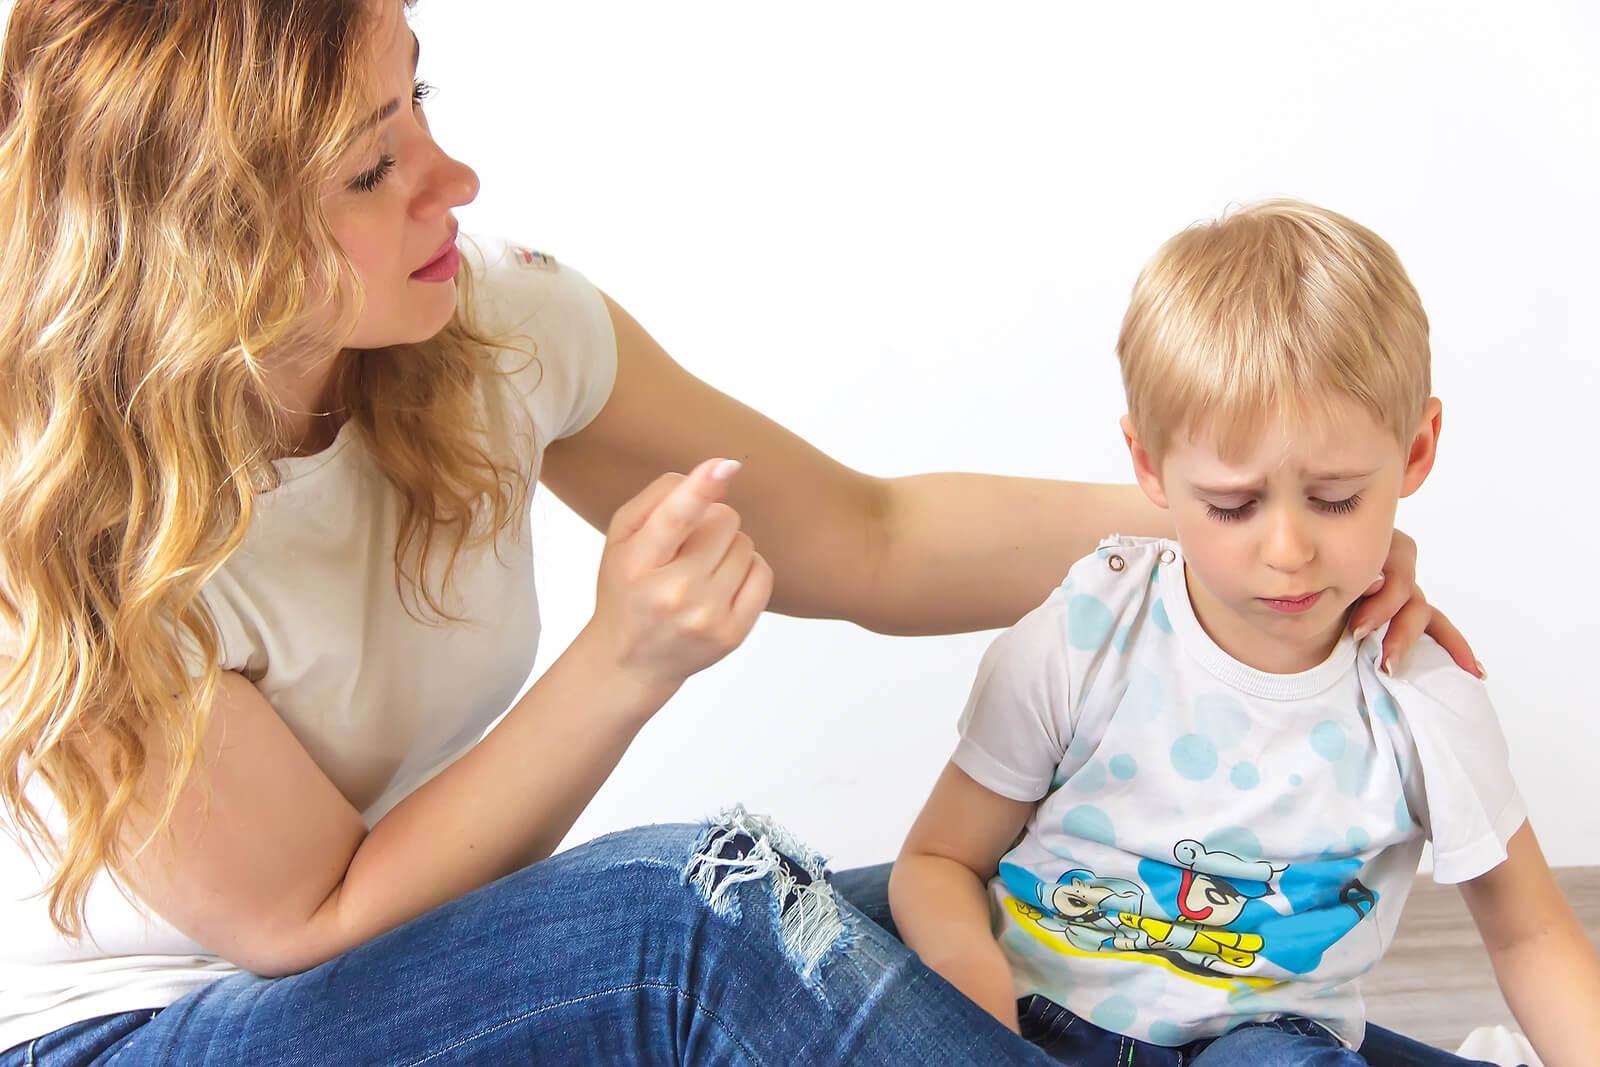 Hay que tener cuidado cuando los niños crecen sin límites.